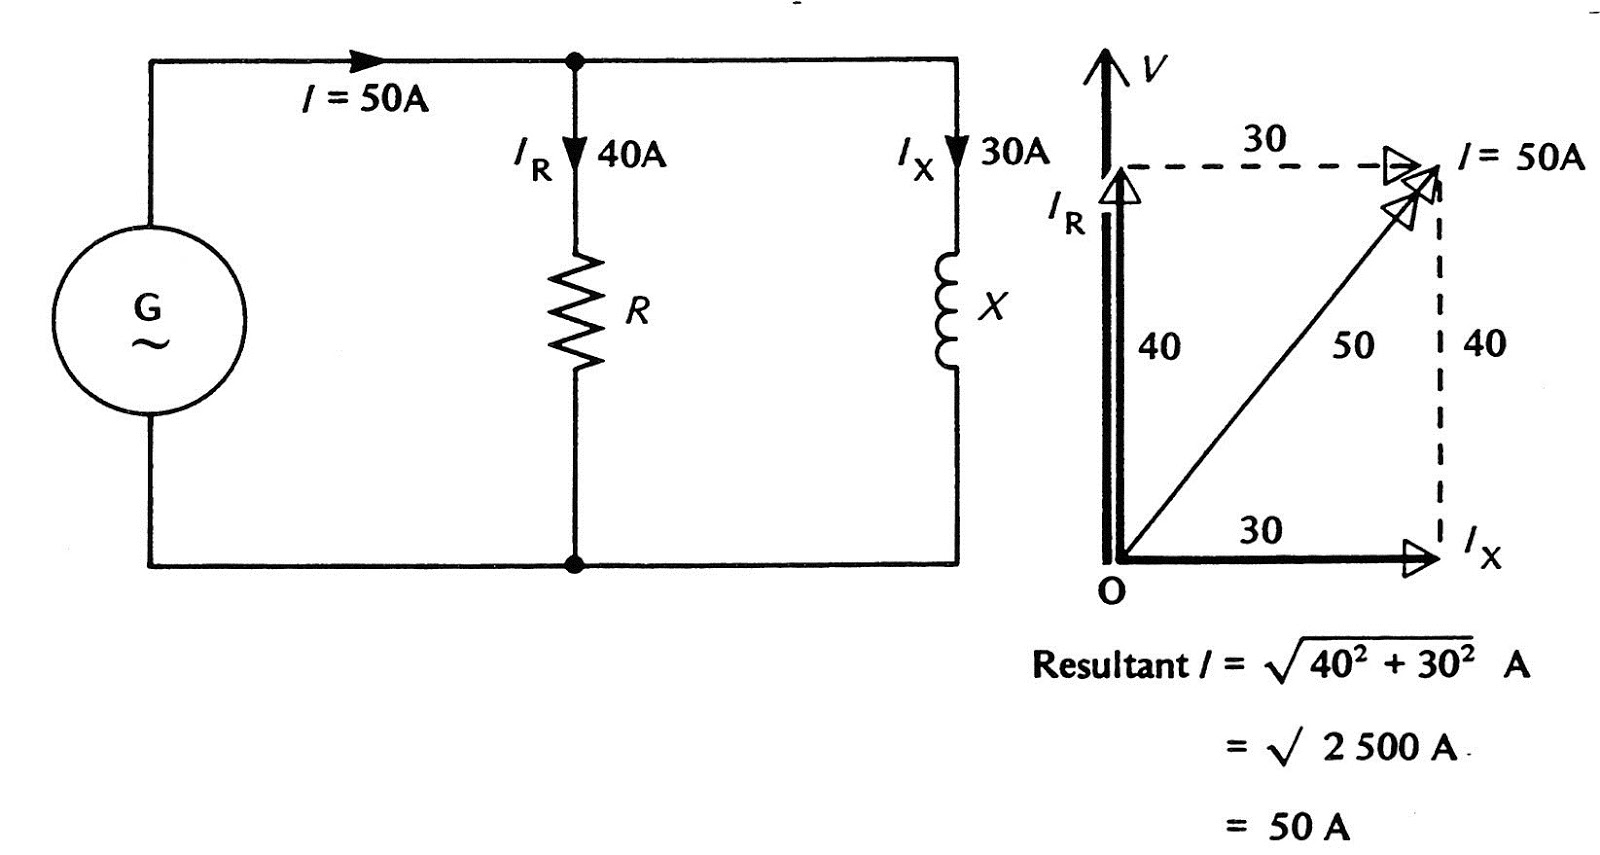 wiring diagram renault express